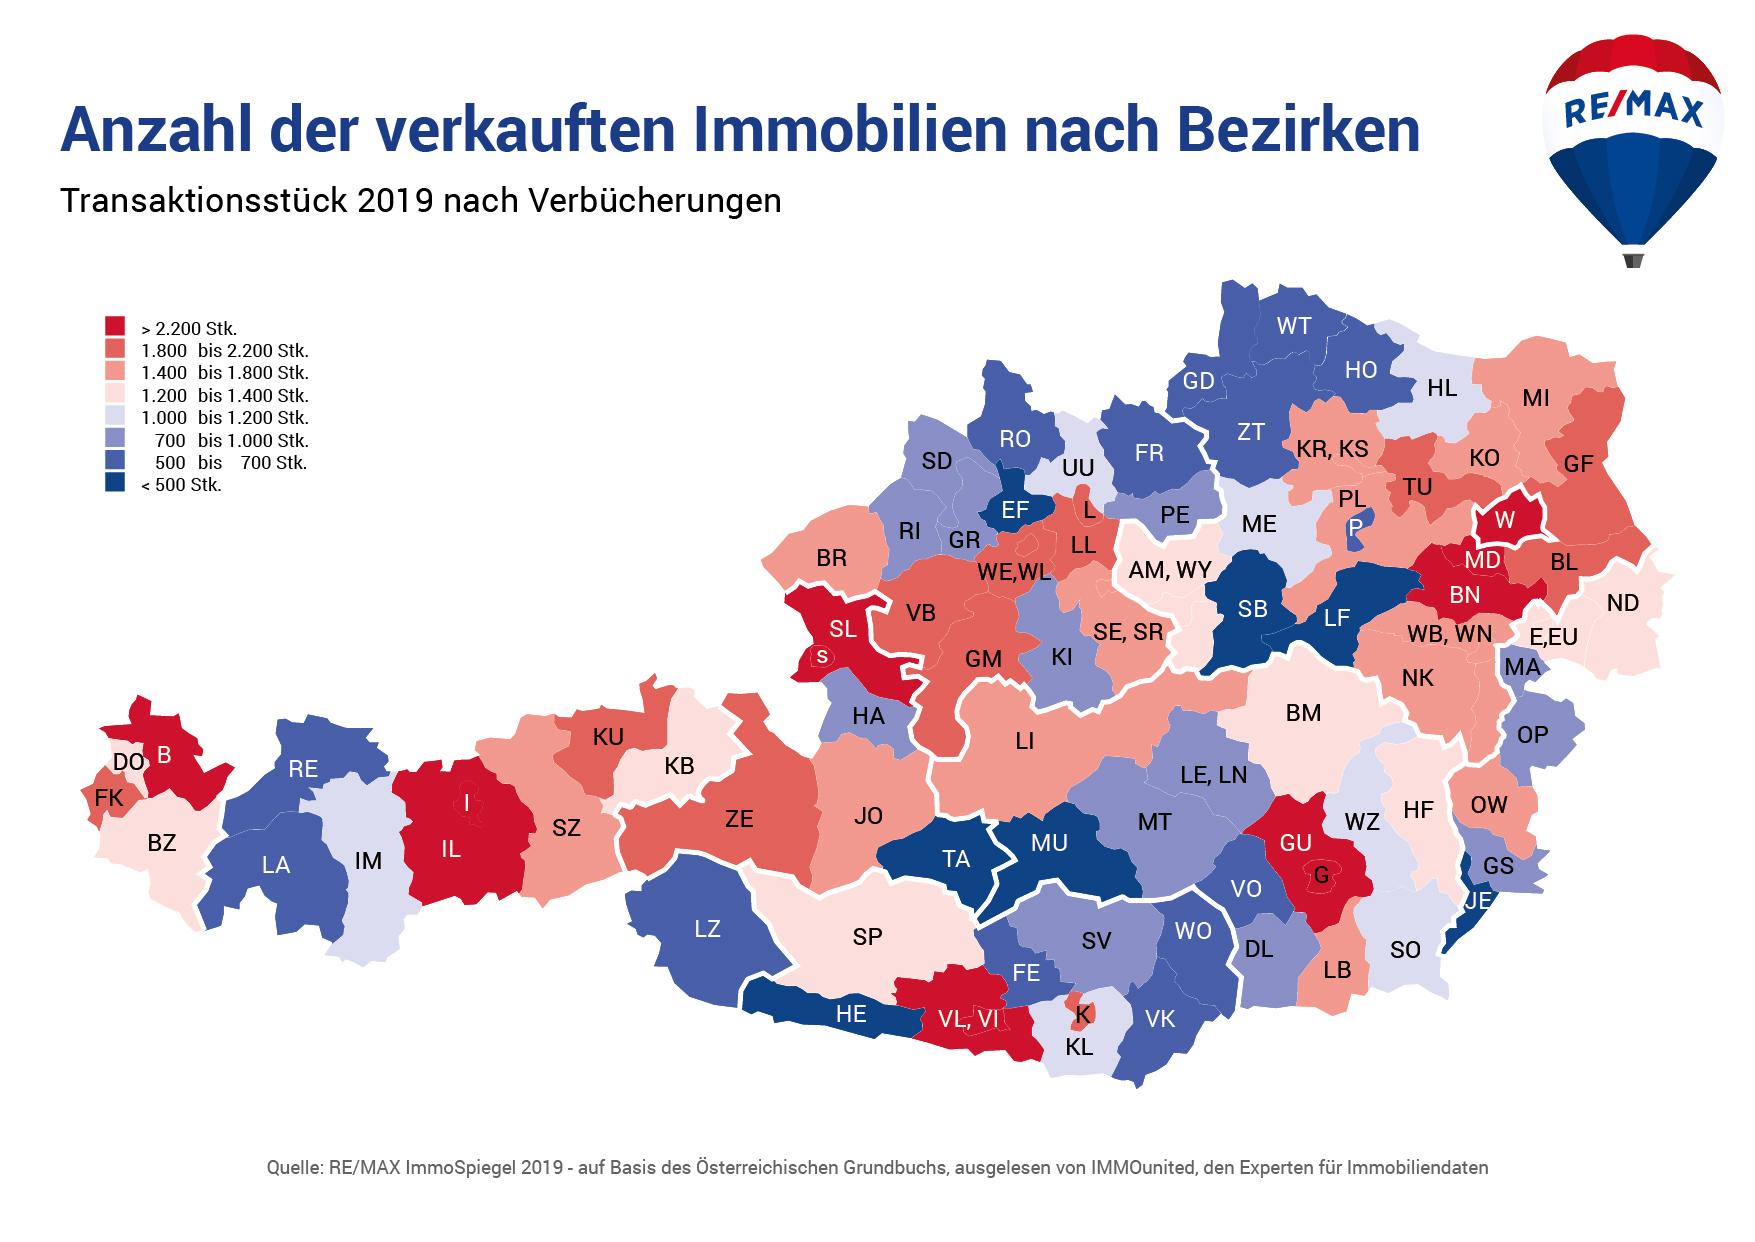 Anzahl der verkauften Immobilien nach Bezirken